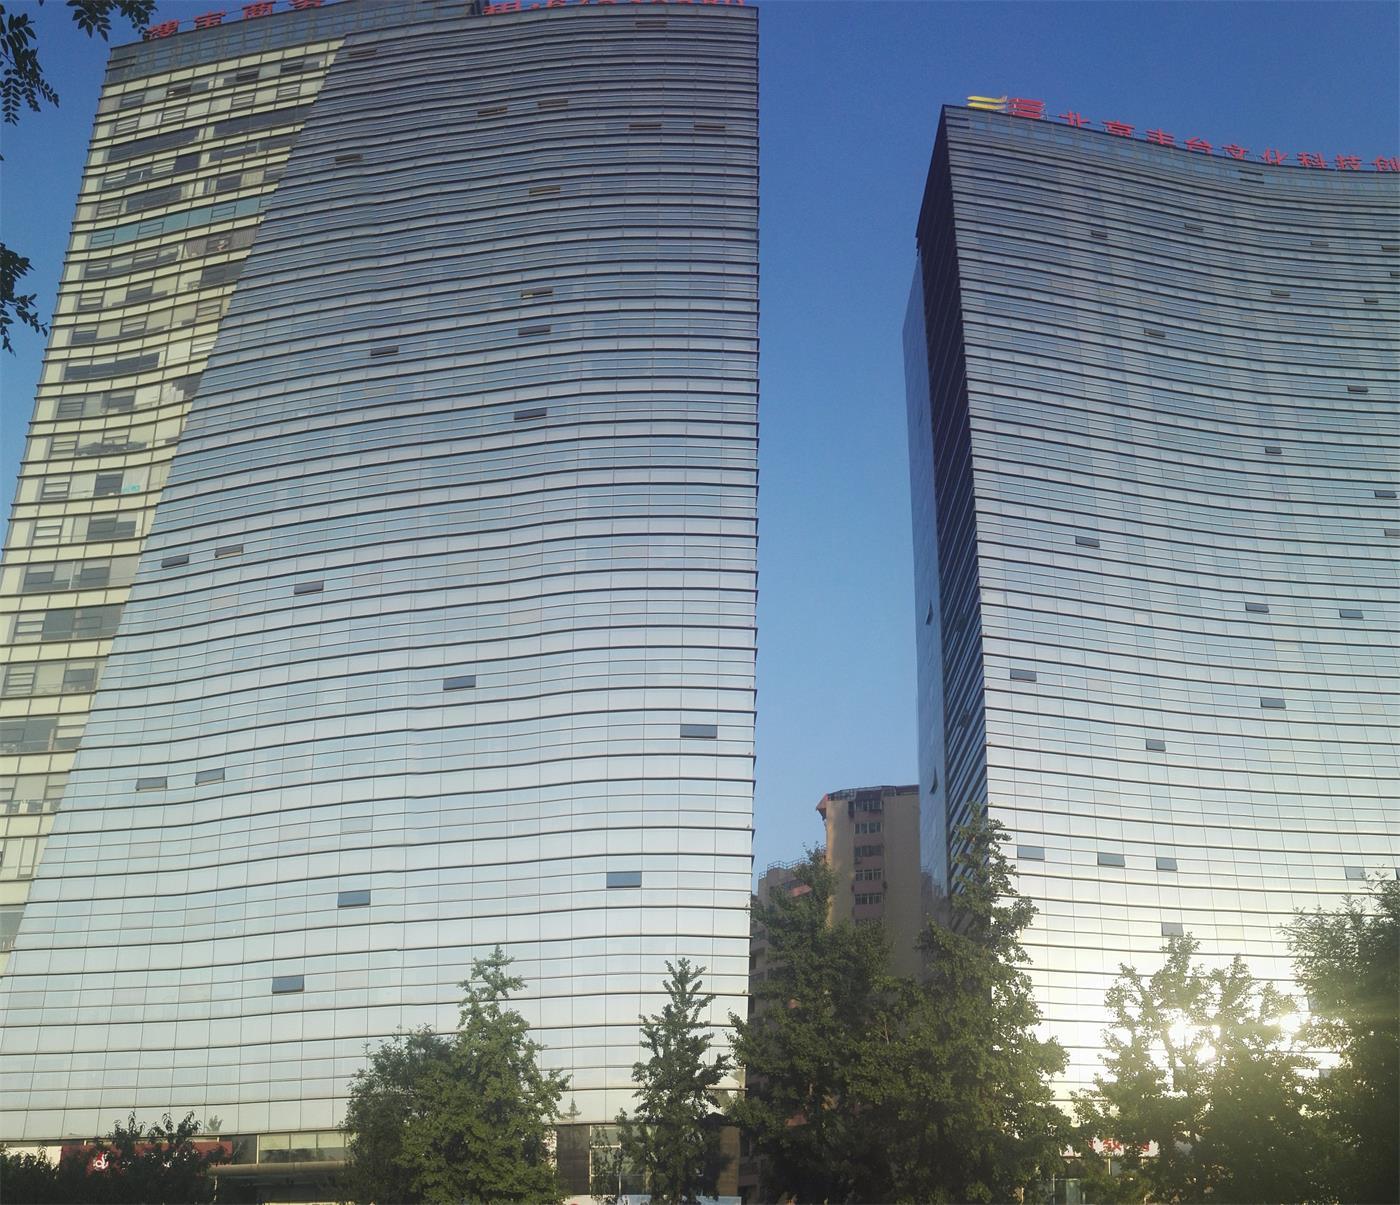 新大楼 新起点 新征程----热烈祝贺圣辉友联总部乔迁新址